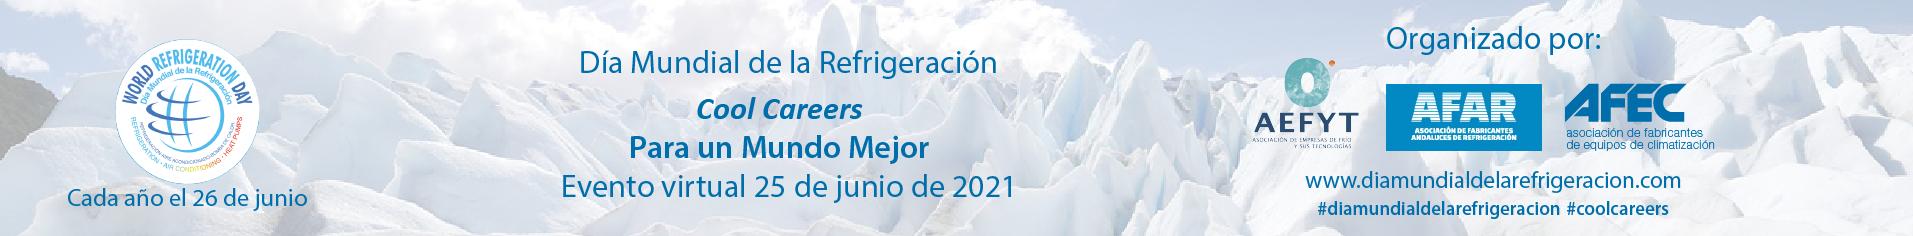 Dia mundial de la refrigeracion banner izquierdo baño y agua junio 2021